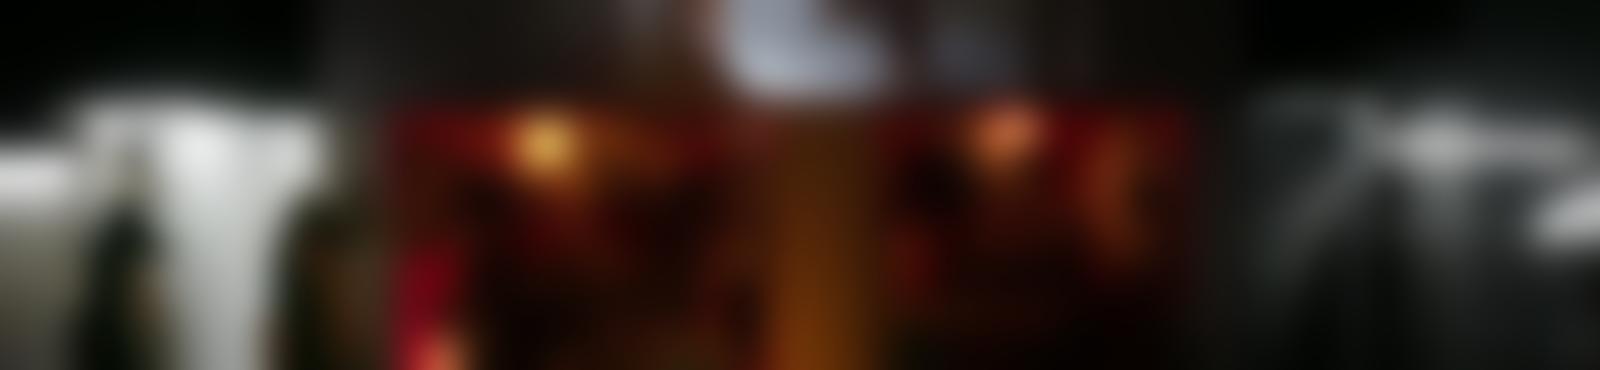 Blurred 61028977 05dd 45bb b1b4 8ef28d5b36f2